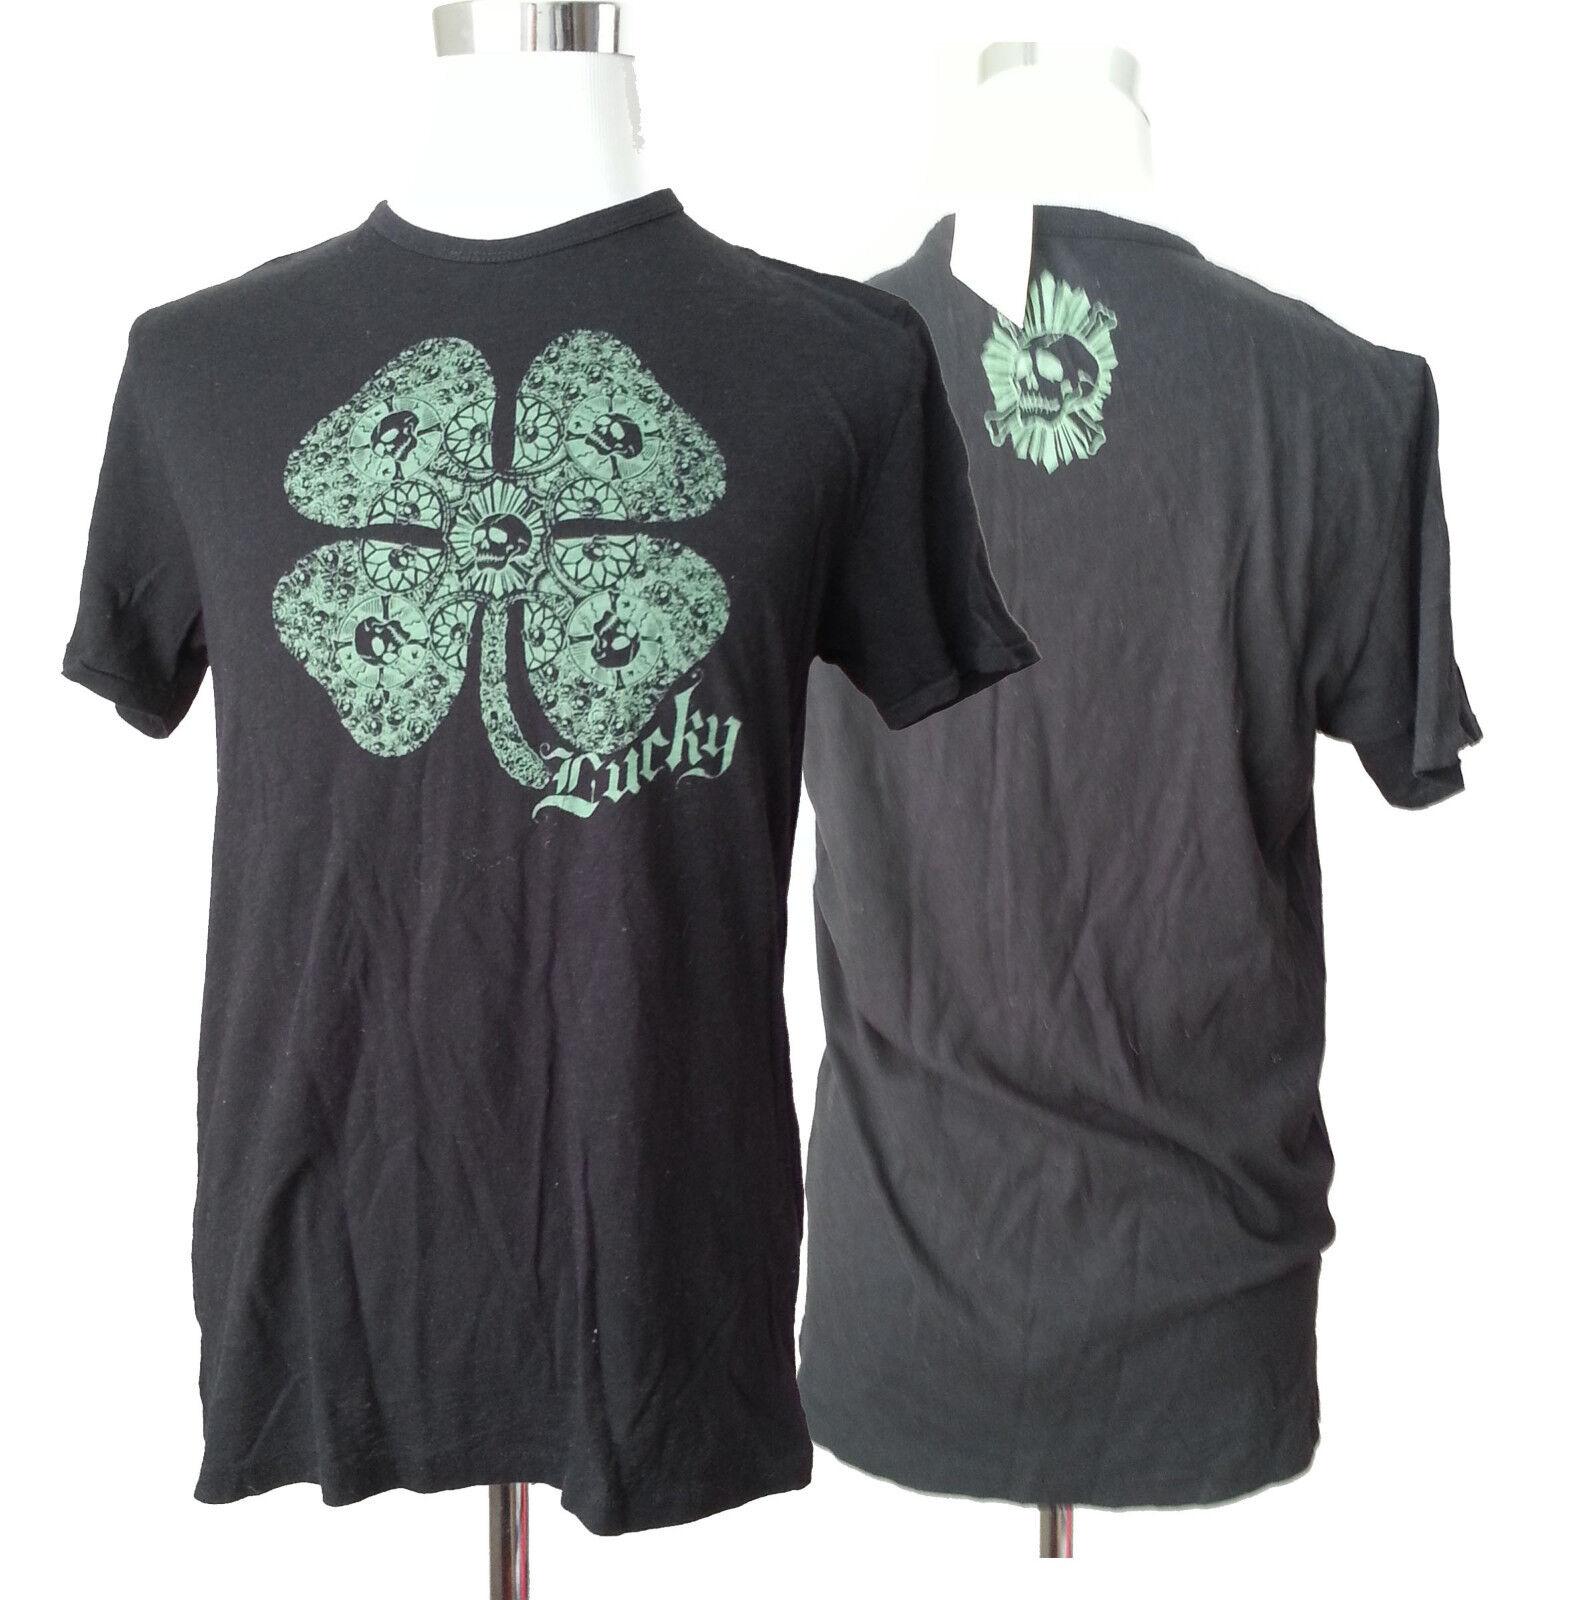 Shamrock Green Lucky Brand Men/'s Short Sleeve Graphic Tee Shirt Size XL